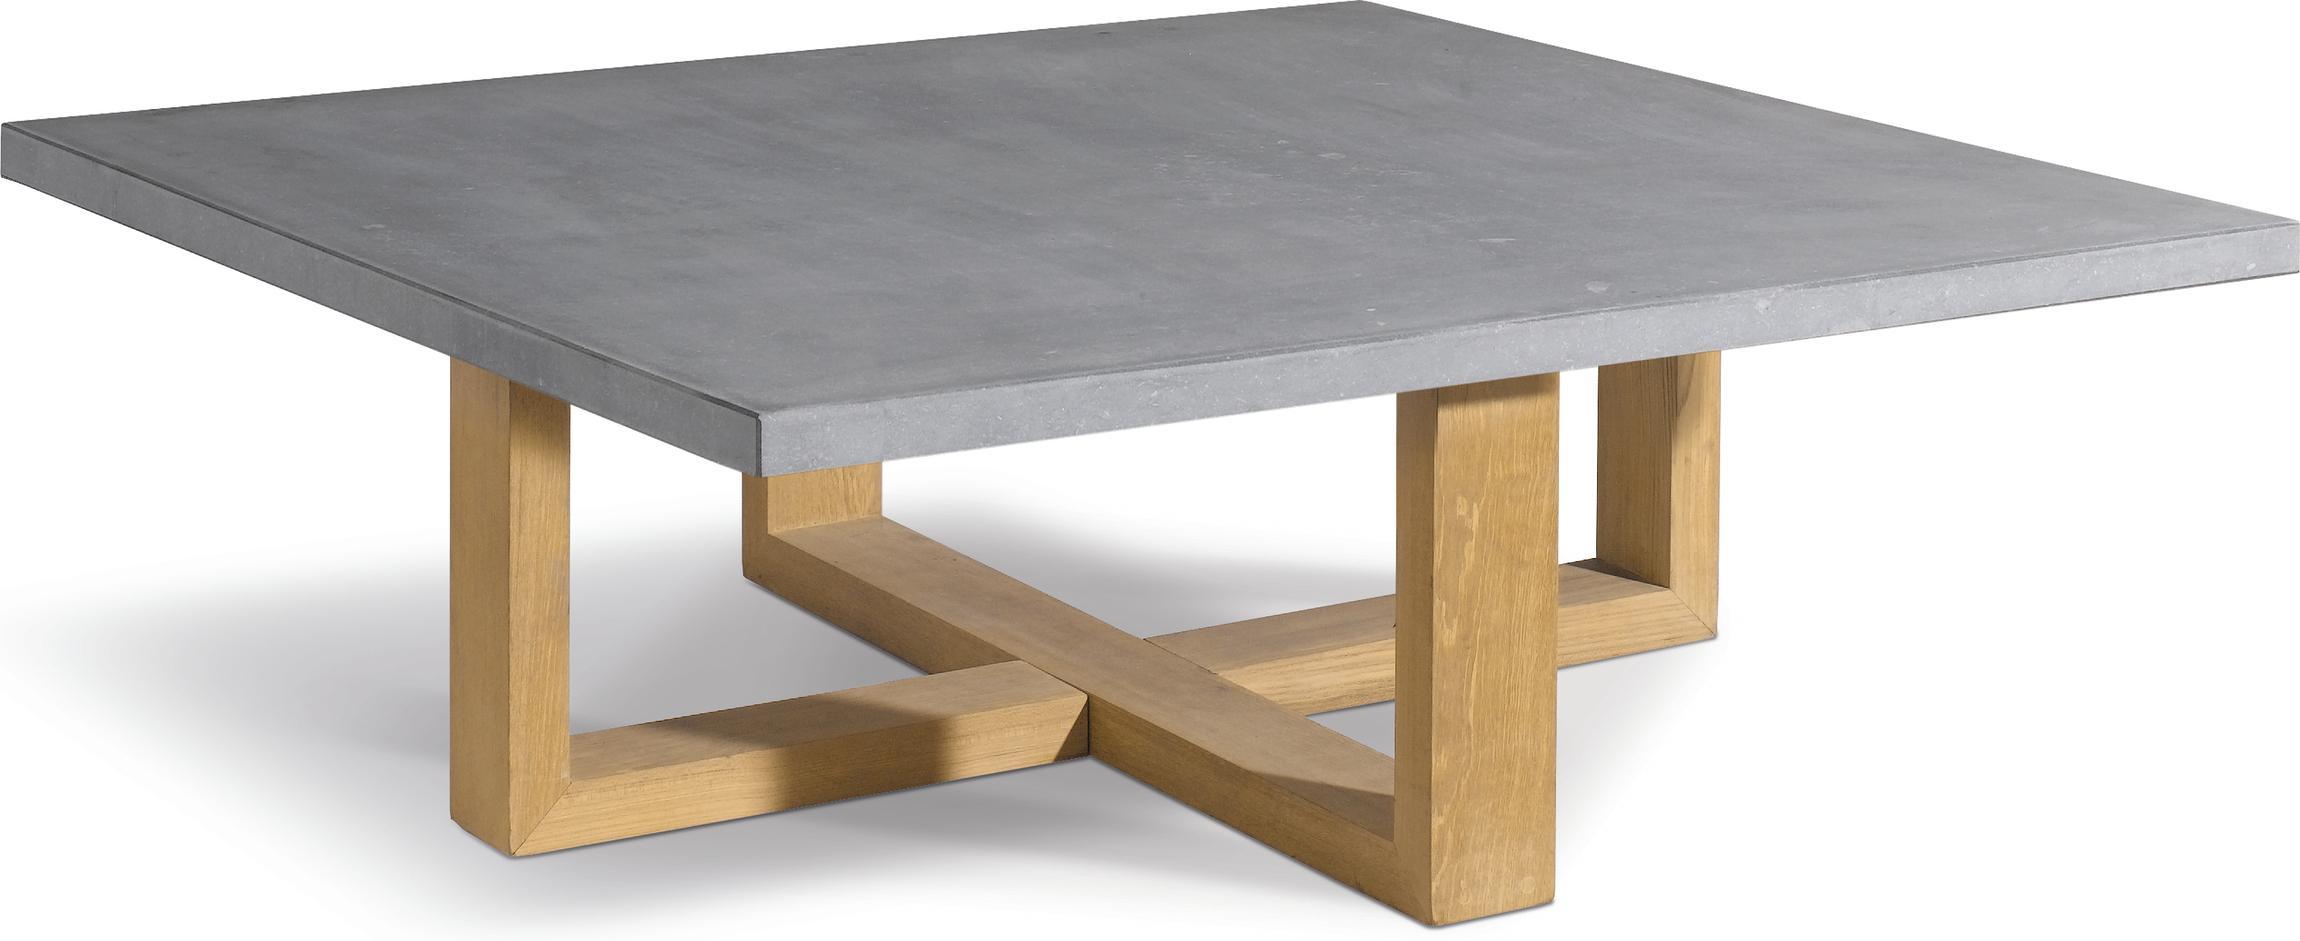 Siena Couchtisch - Teak - Stein - 120x120